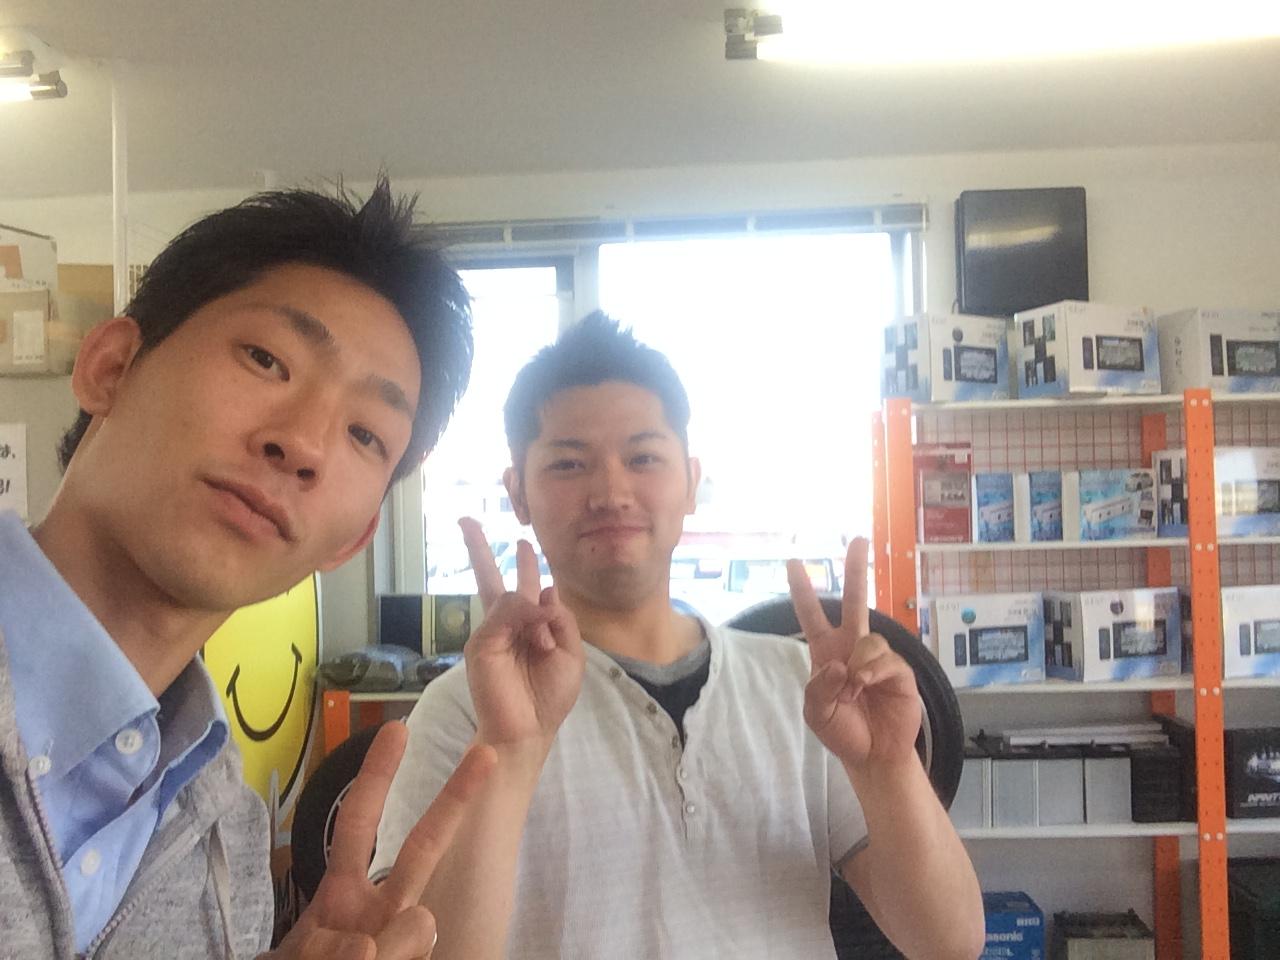 6月7日トミーアウトレット☆祭り!トミー(103円)カーご成約!!ヴィッツU様納車!!_b0127002_17533320.jpg